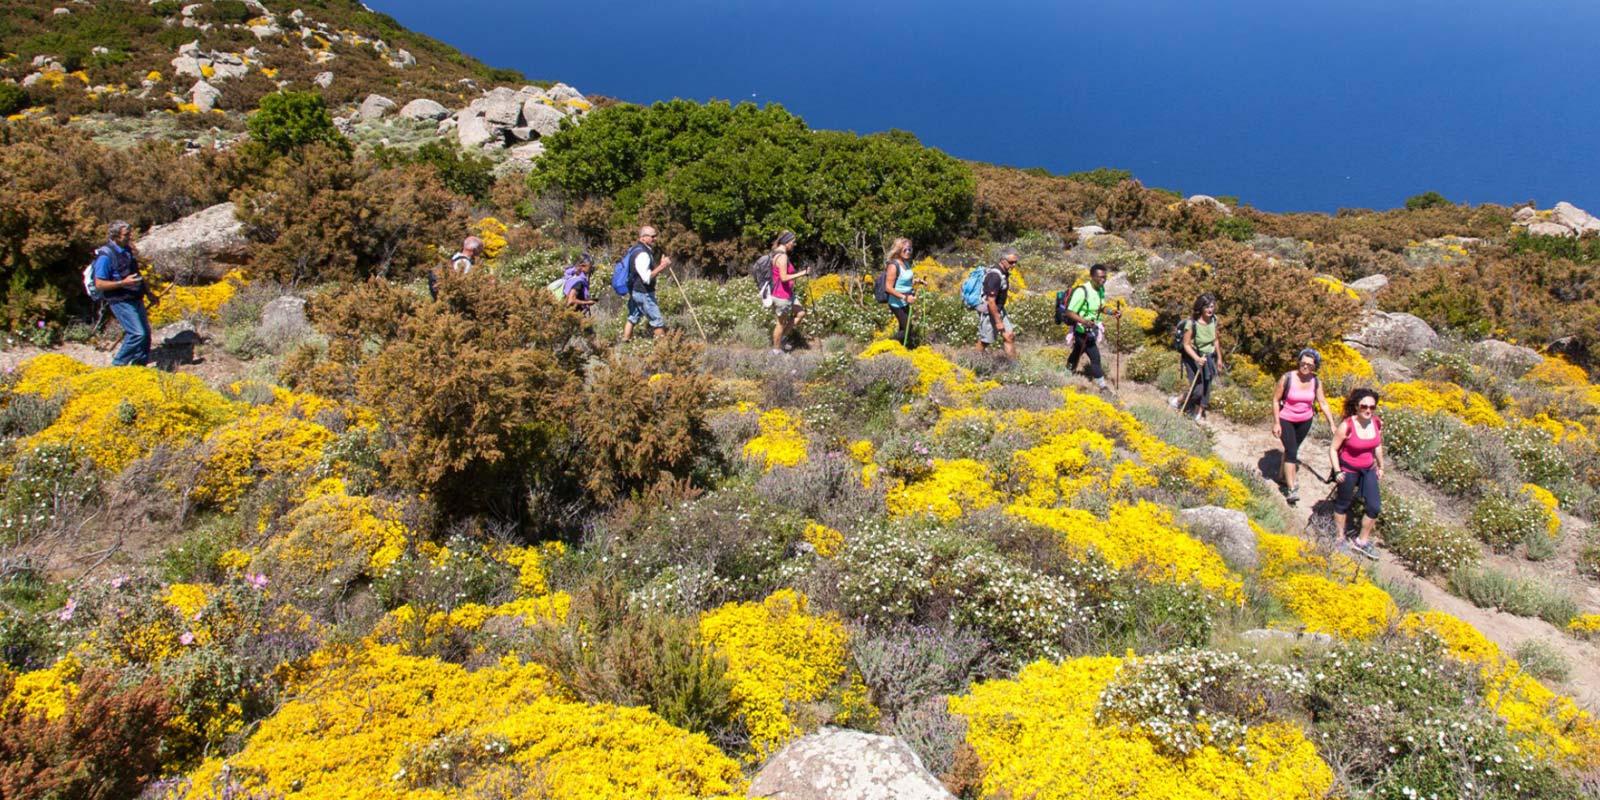 sentieri in fiore sulla gte all'Isola d'Elba in Primavera